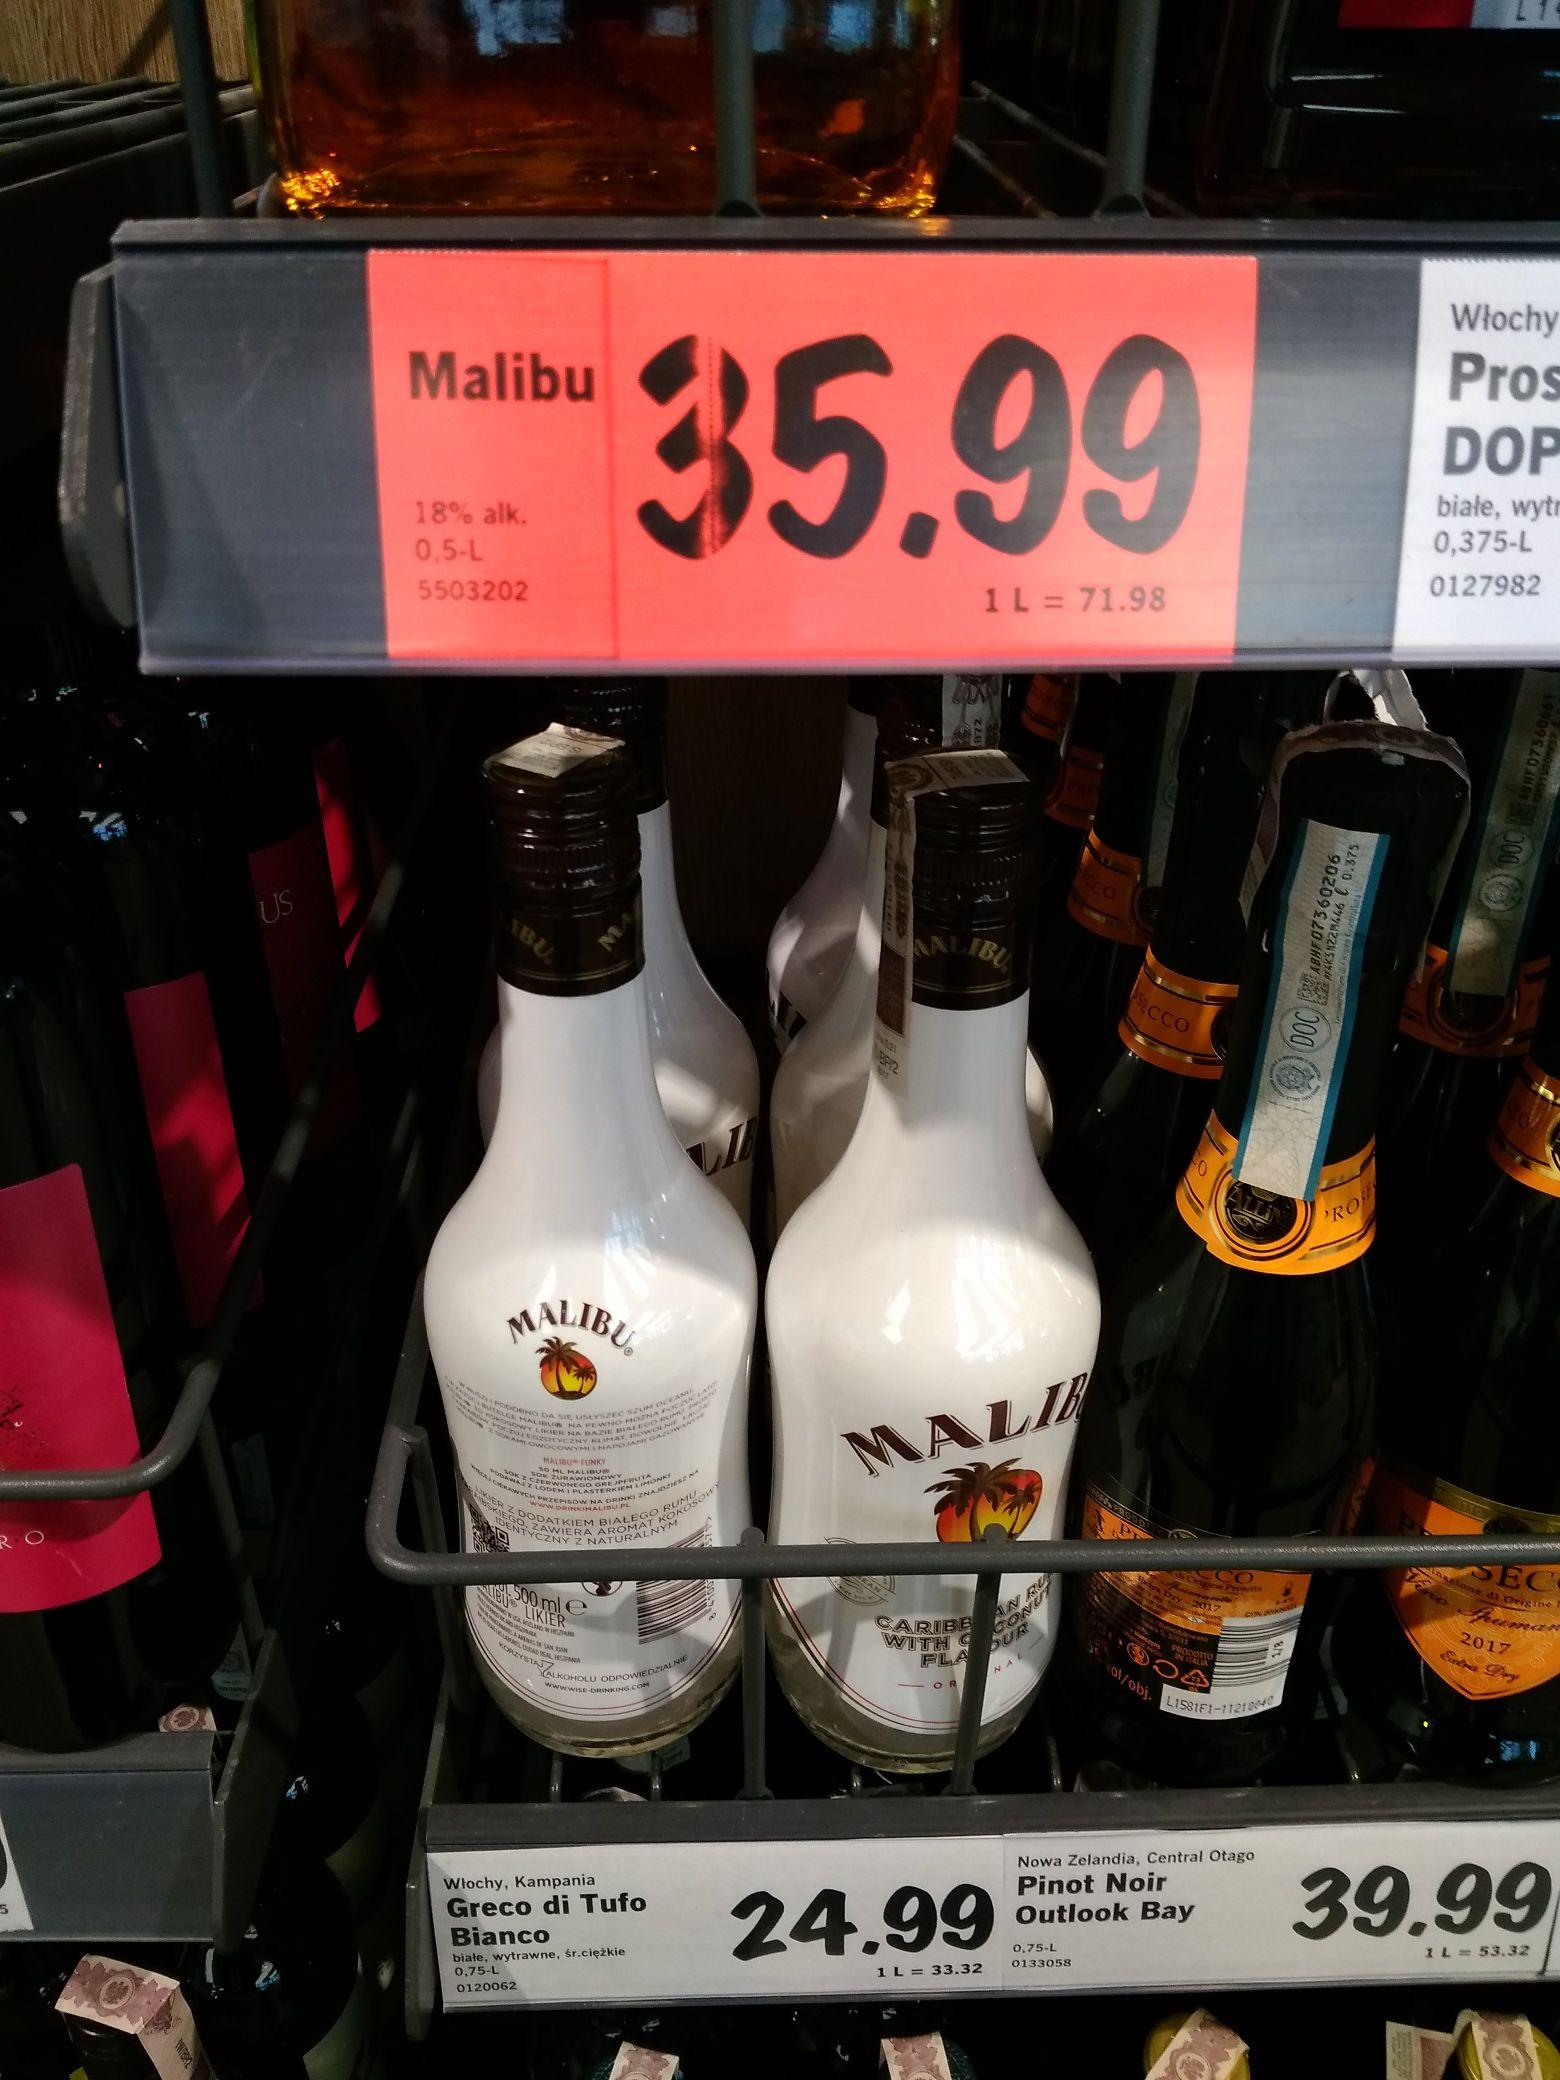 Malibu 0,5l Lidl